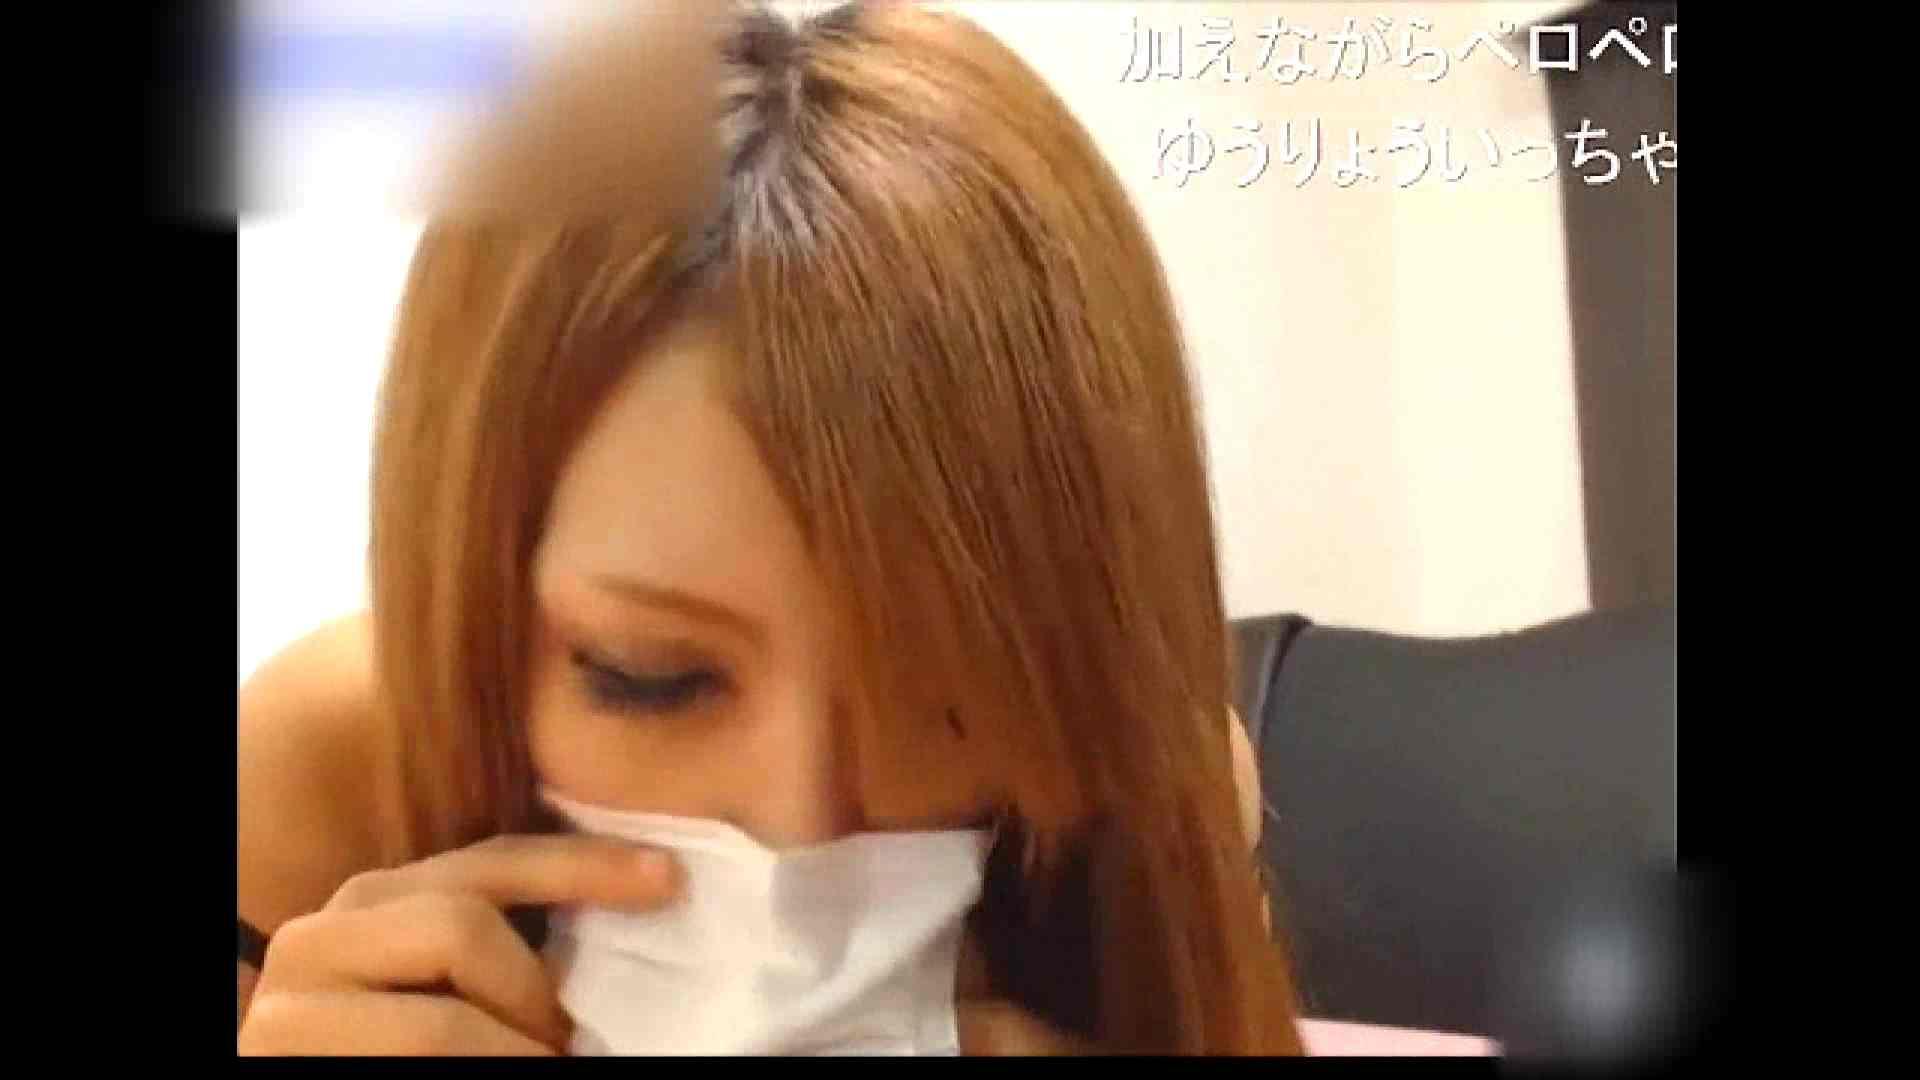 アッと驚くハメ五郎 Vol.05 美女ヌード天国   ギャル  69PIX 64